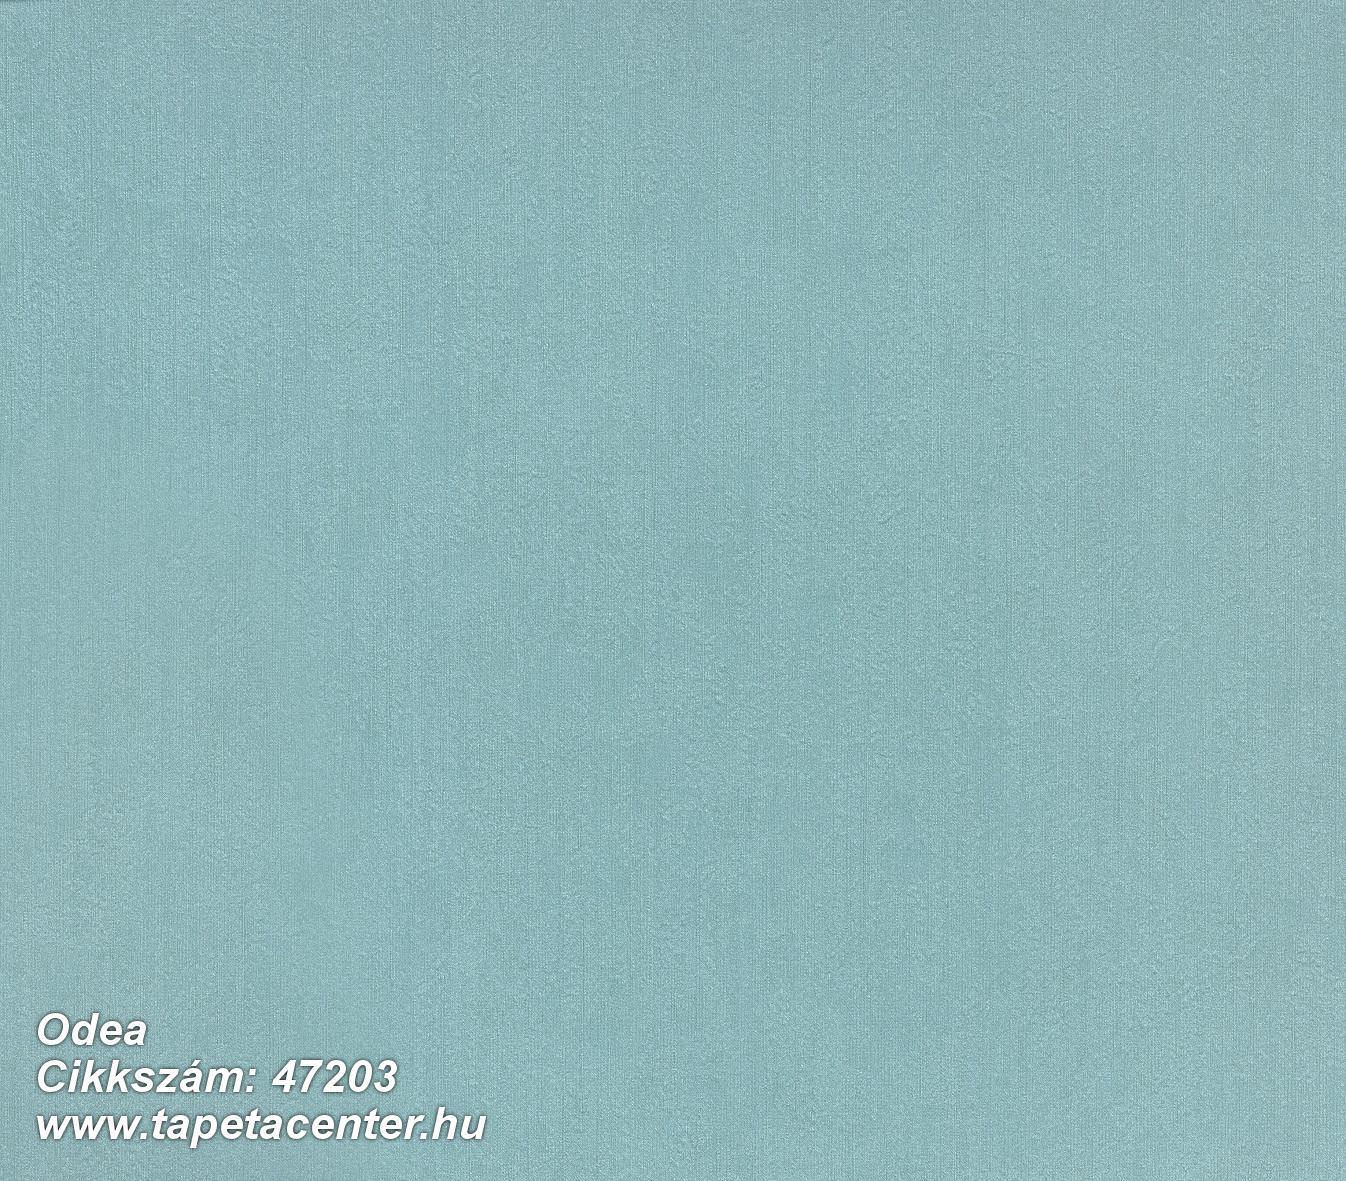 Odea - 47203 Olasz tapéta